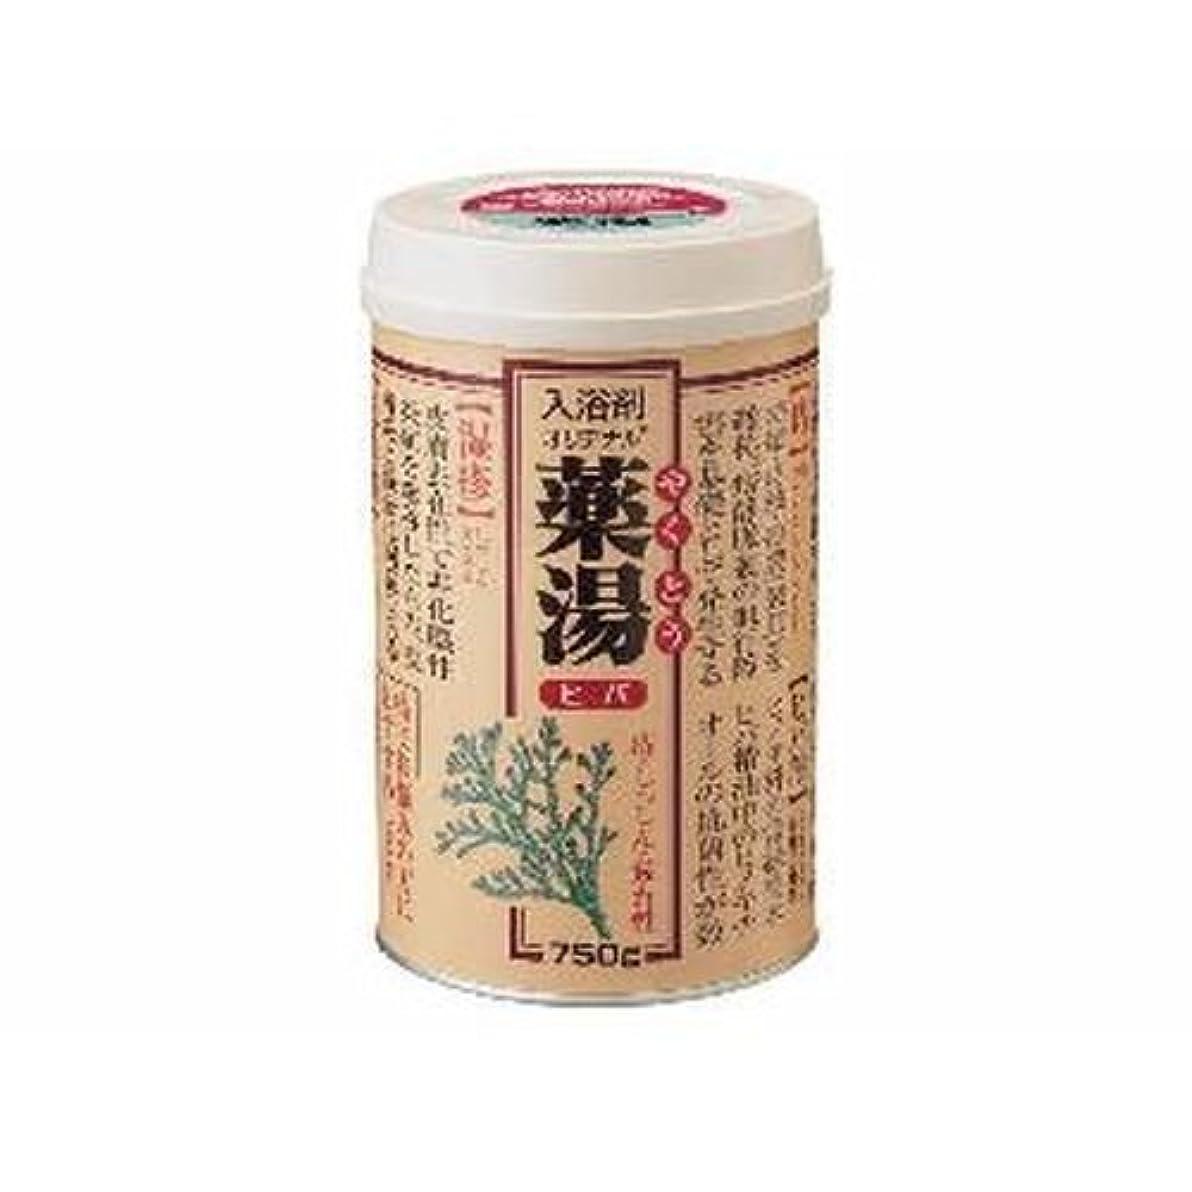 汚染する段階上流の【まとめ買い】NEWオリヂナル薬湯 ヒバ 750g ×2セット